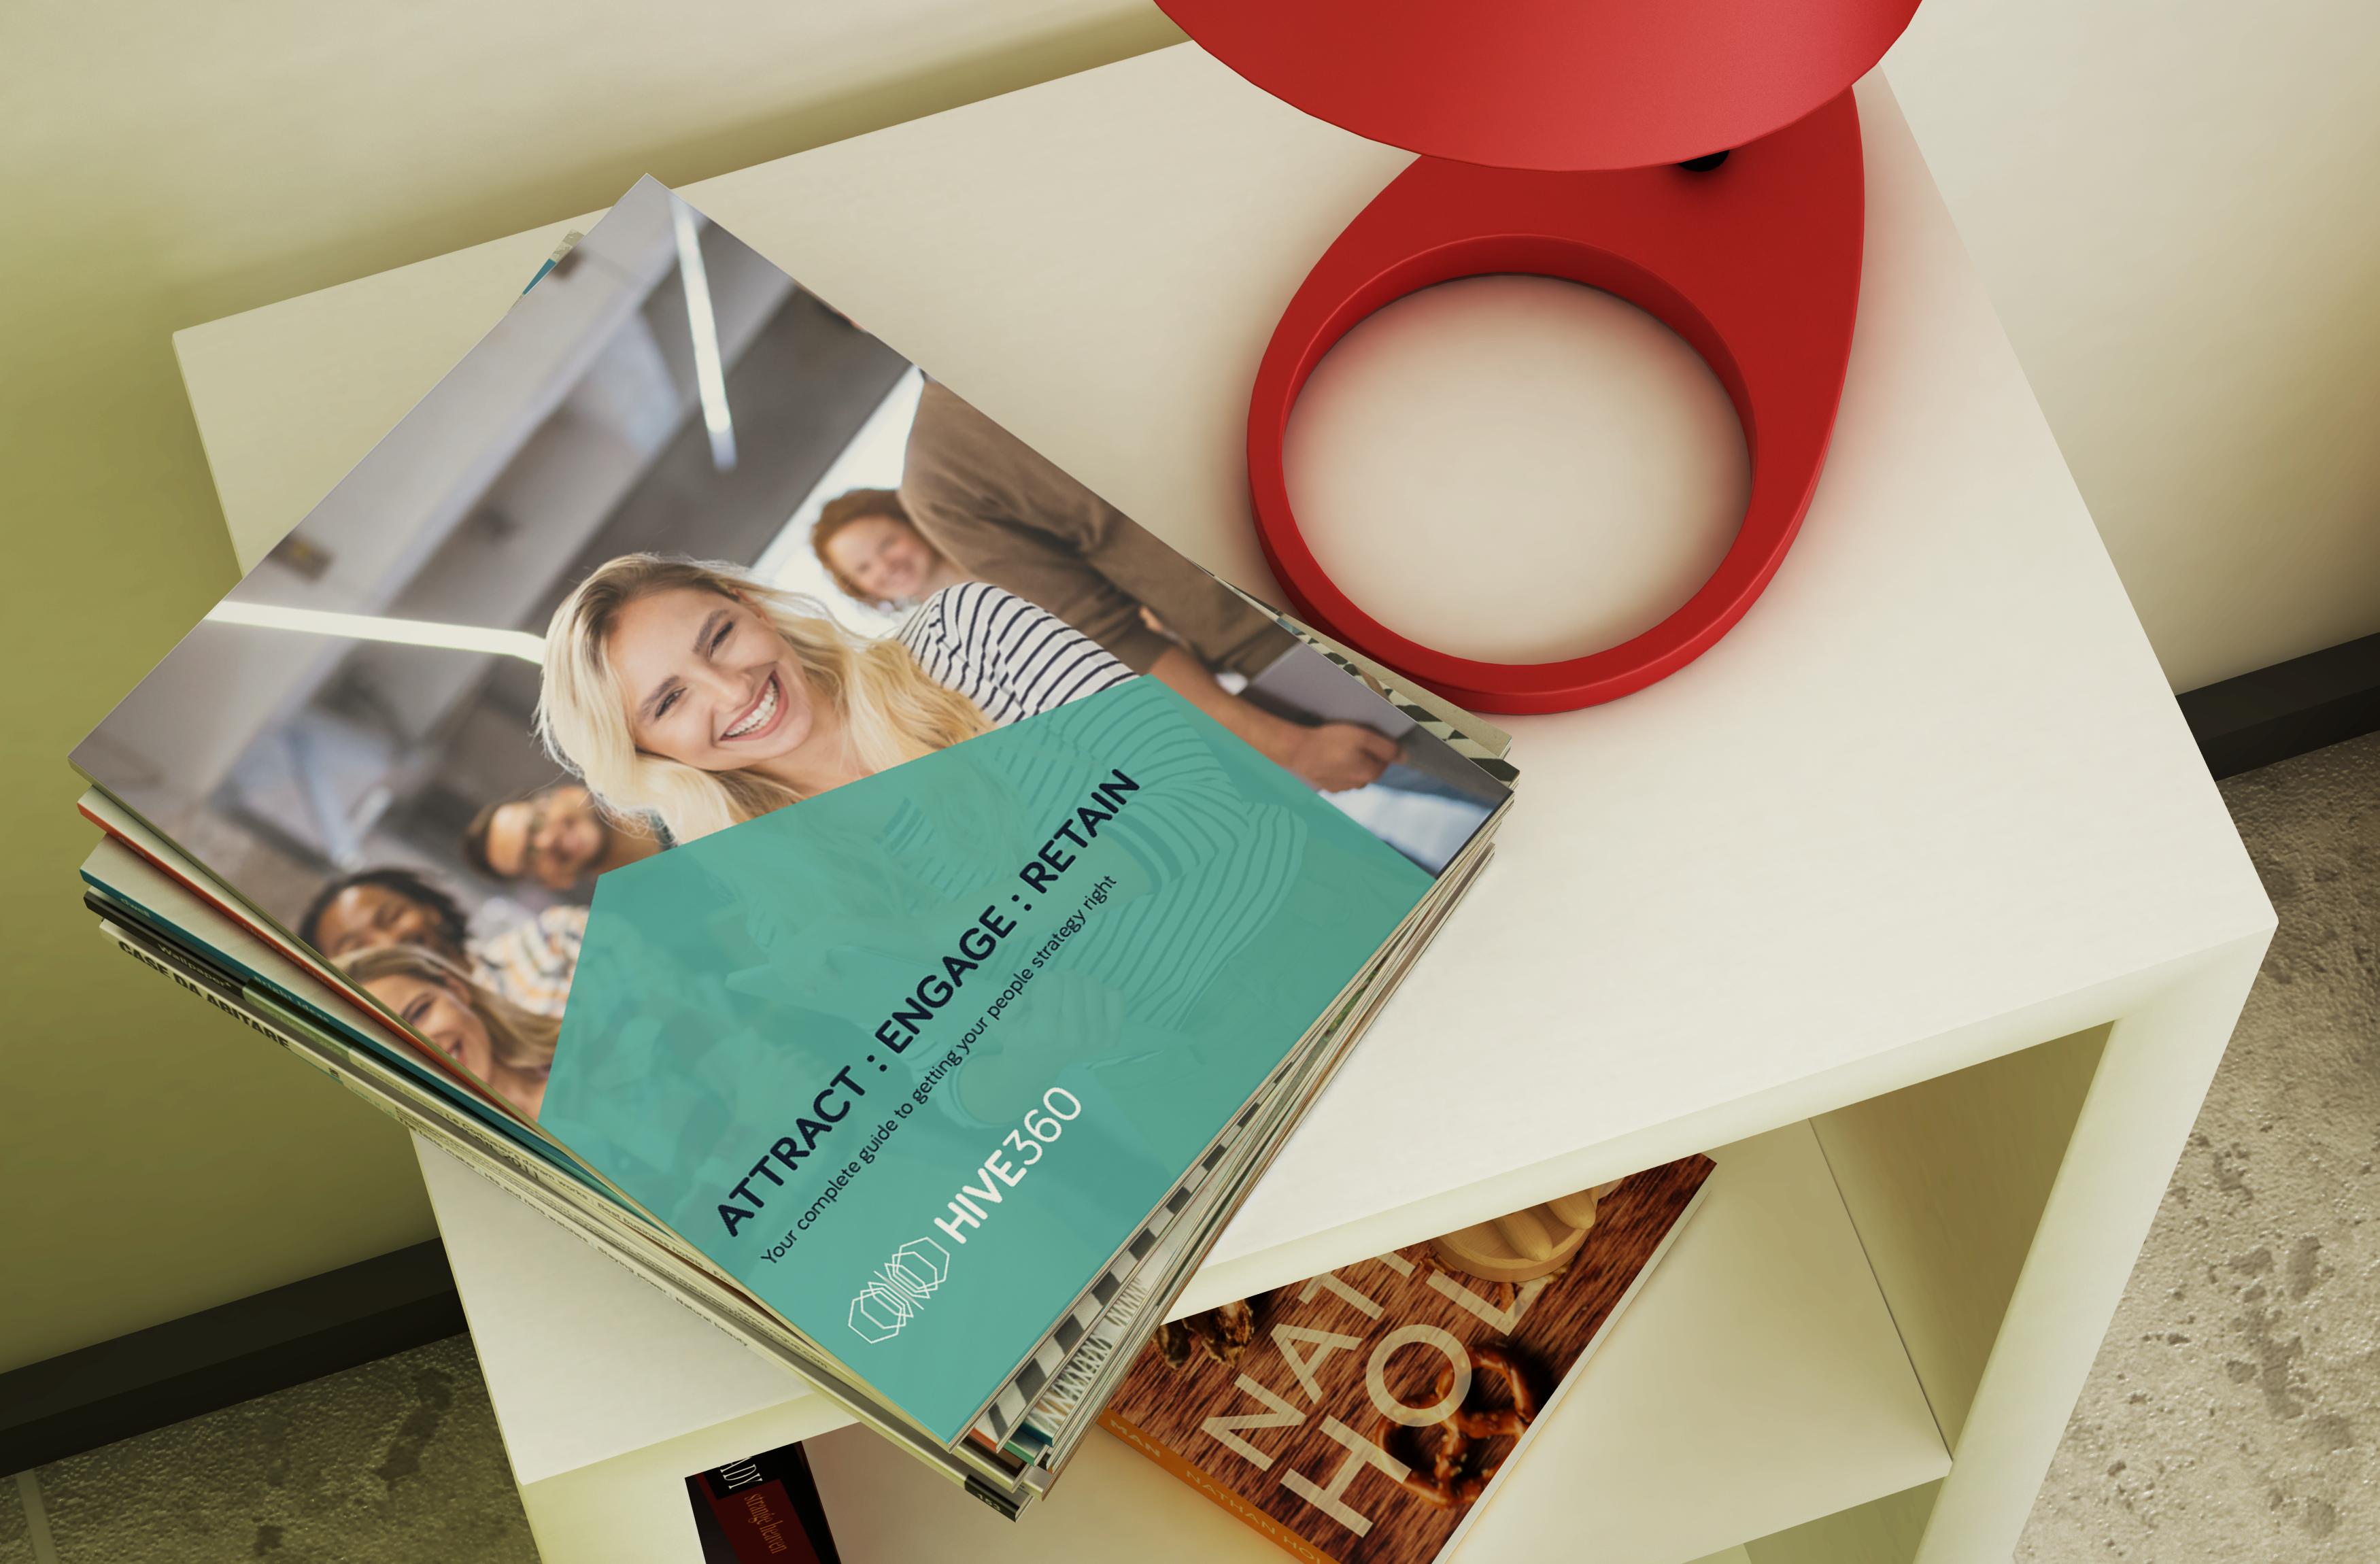 Attract Retain & Engage e-book